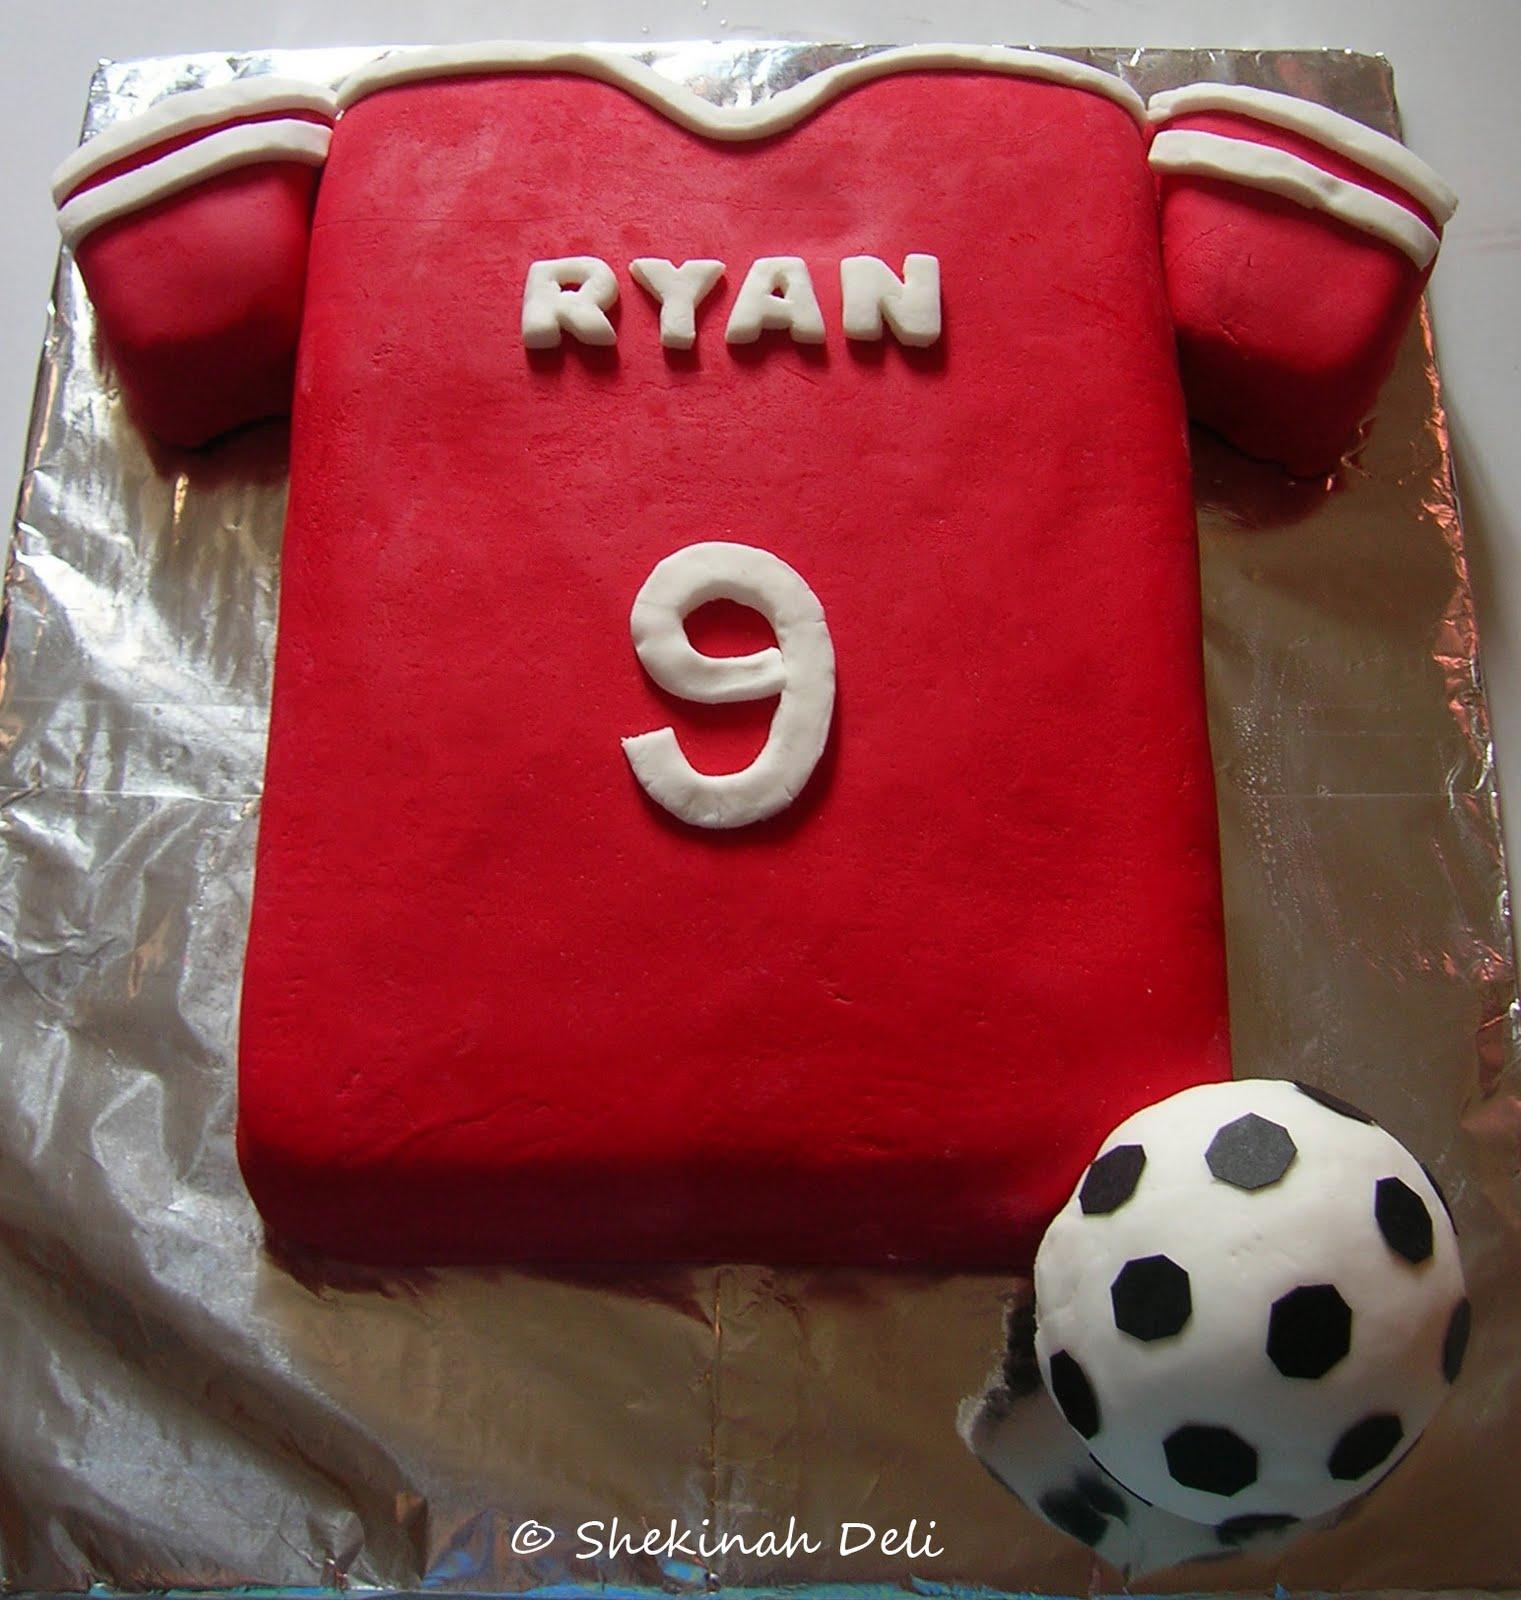 Shekinah Deli Manchester Utd T Shirt Cake For Ryan